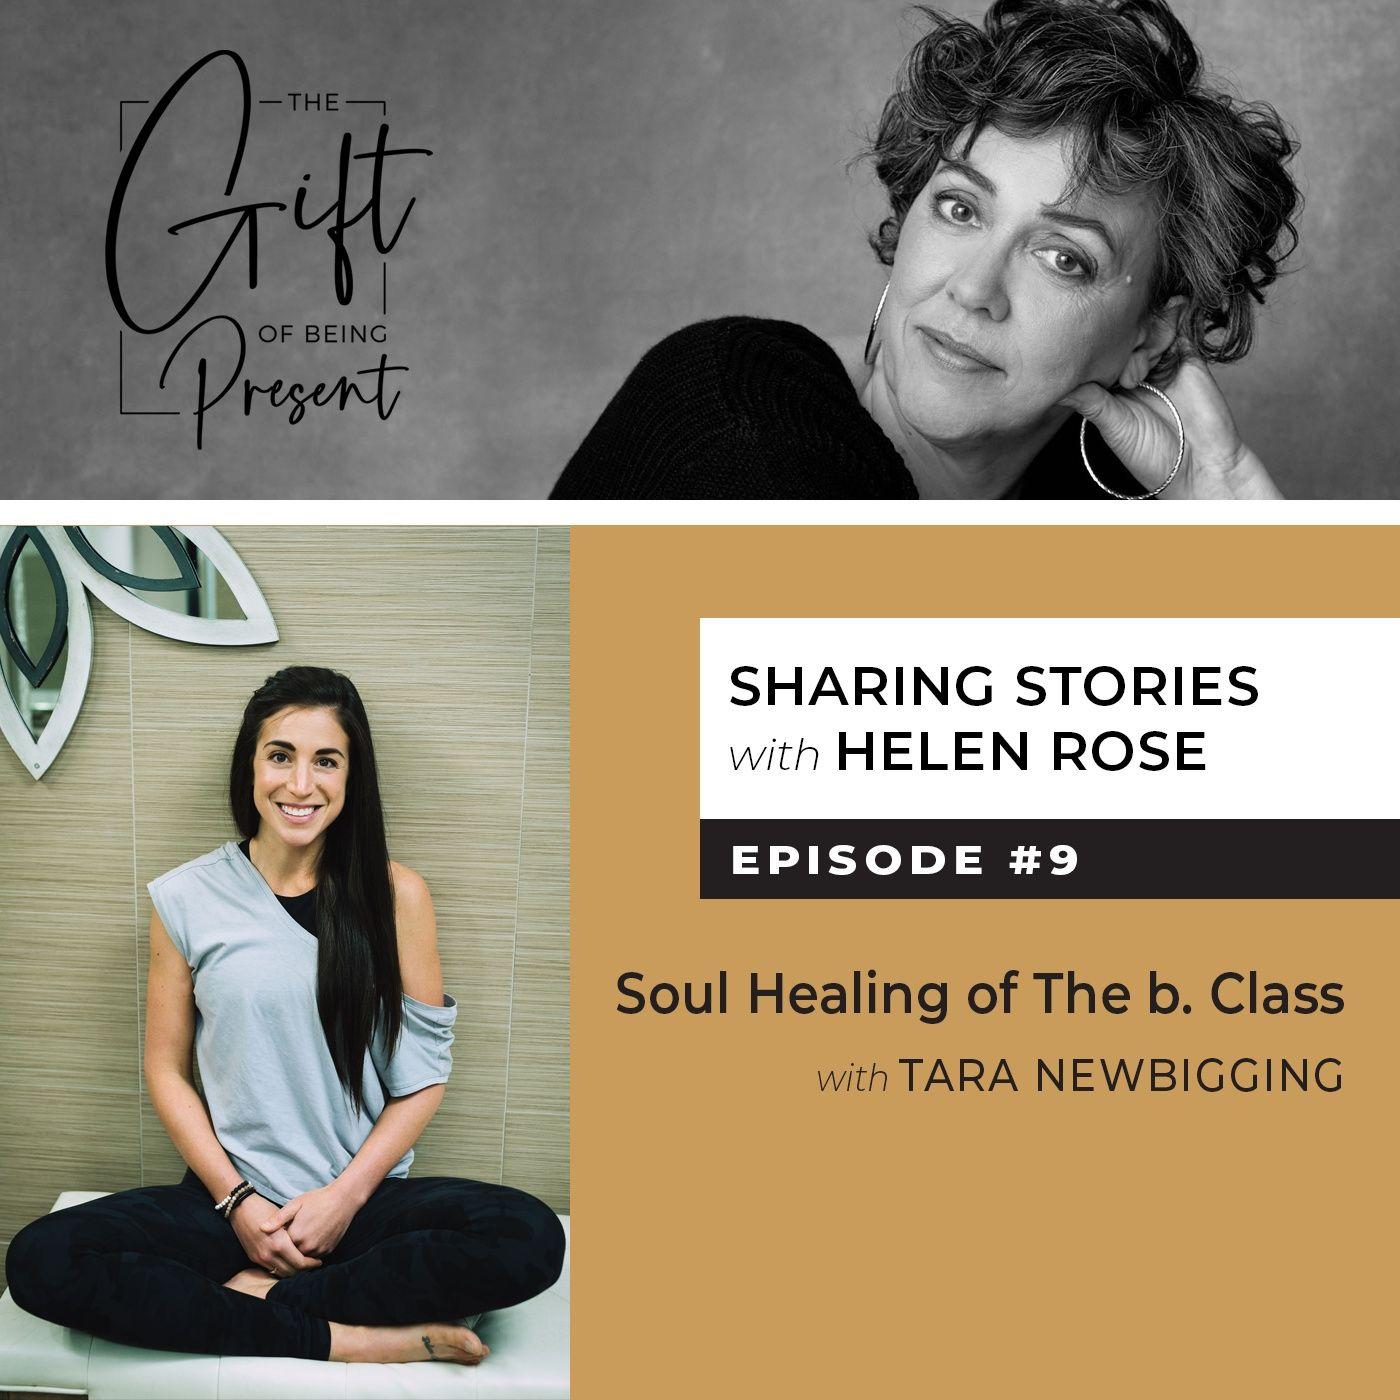 Soul Healing of The b. Class with Tara Newbigging